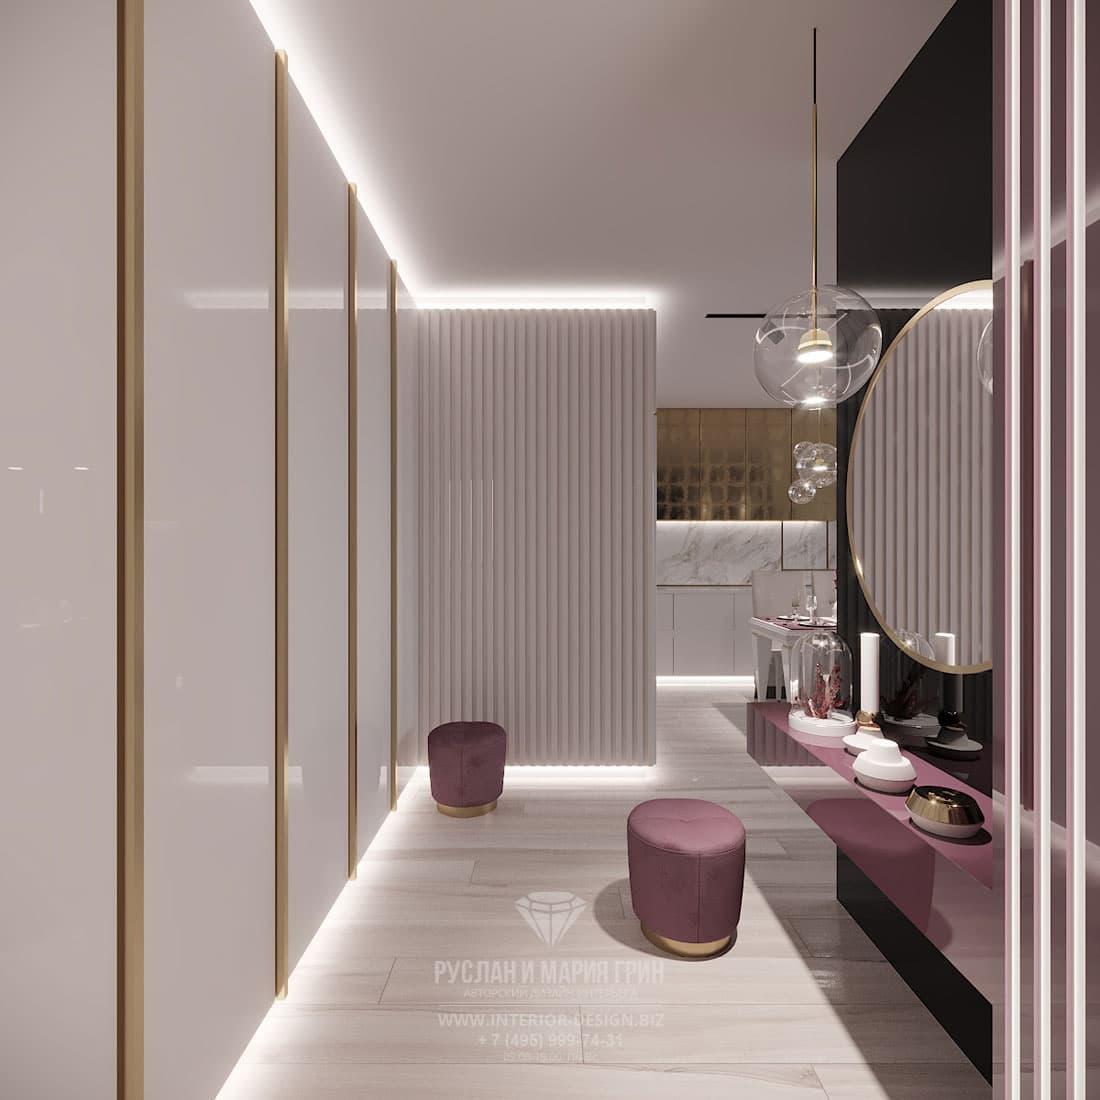 Дизайн интерьера прихожей с подсветкой